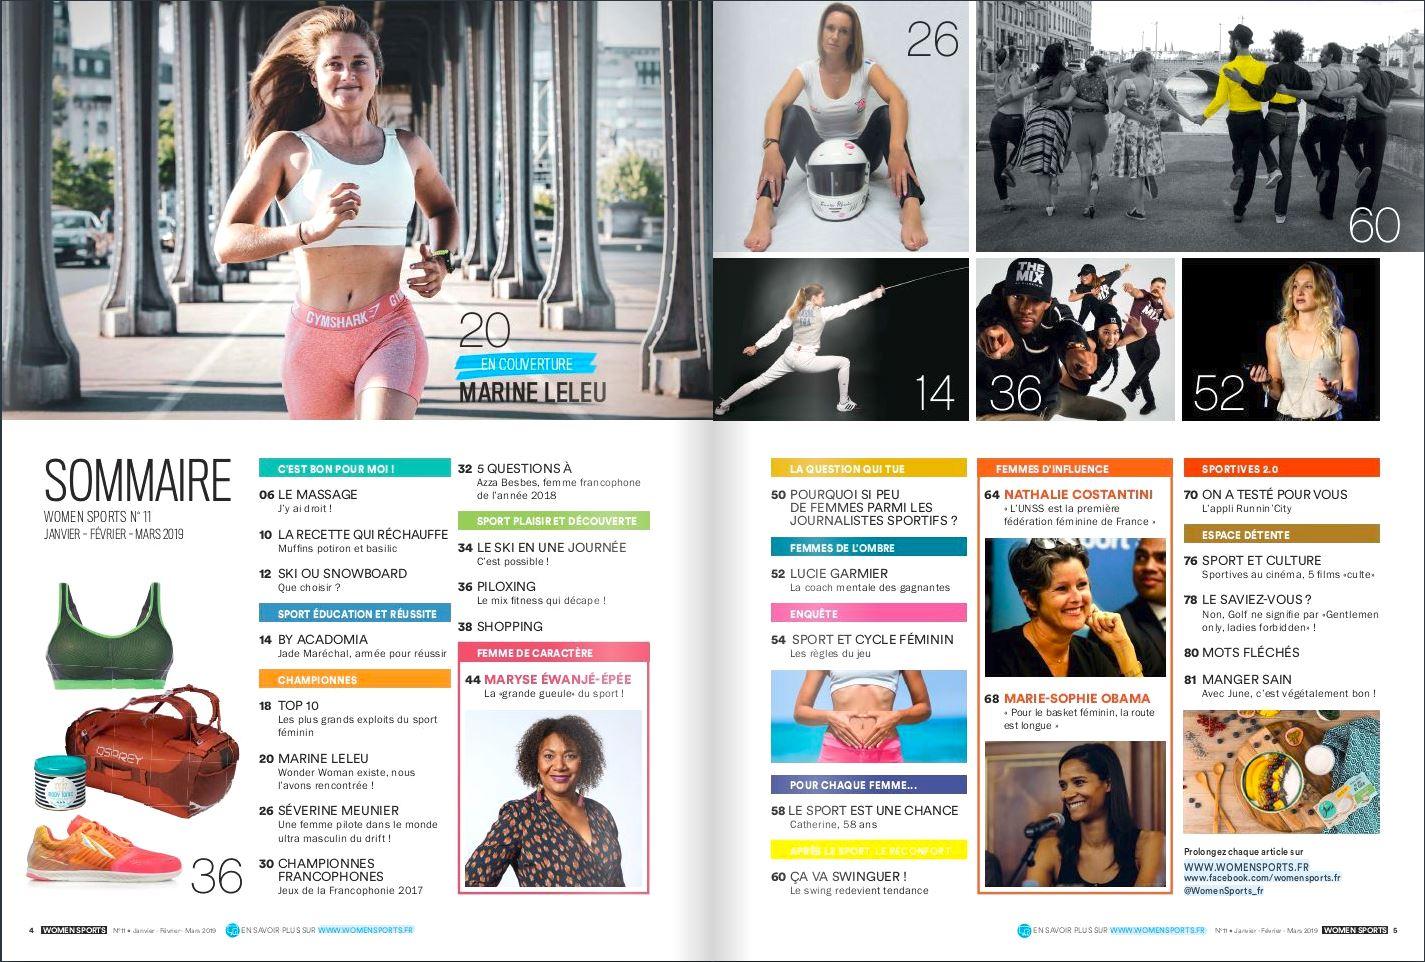 sommaire magazine women sports n°11 janvier fevreier mars 2019